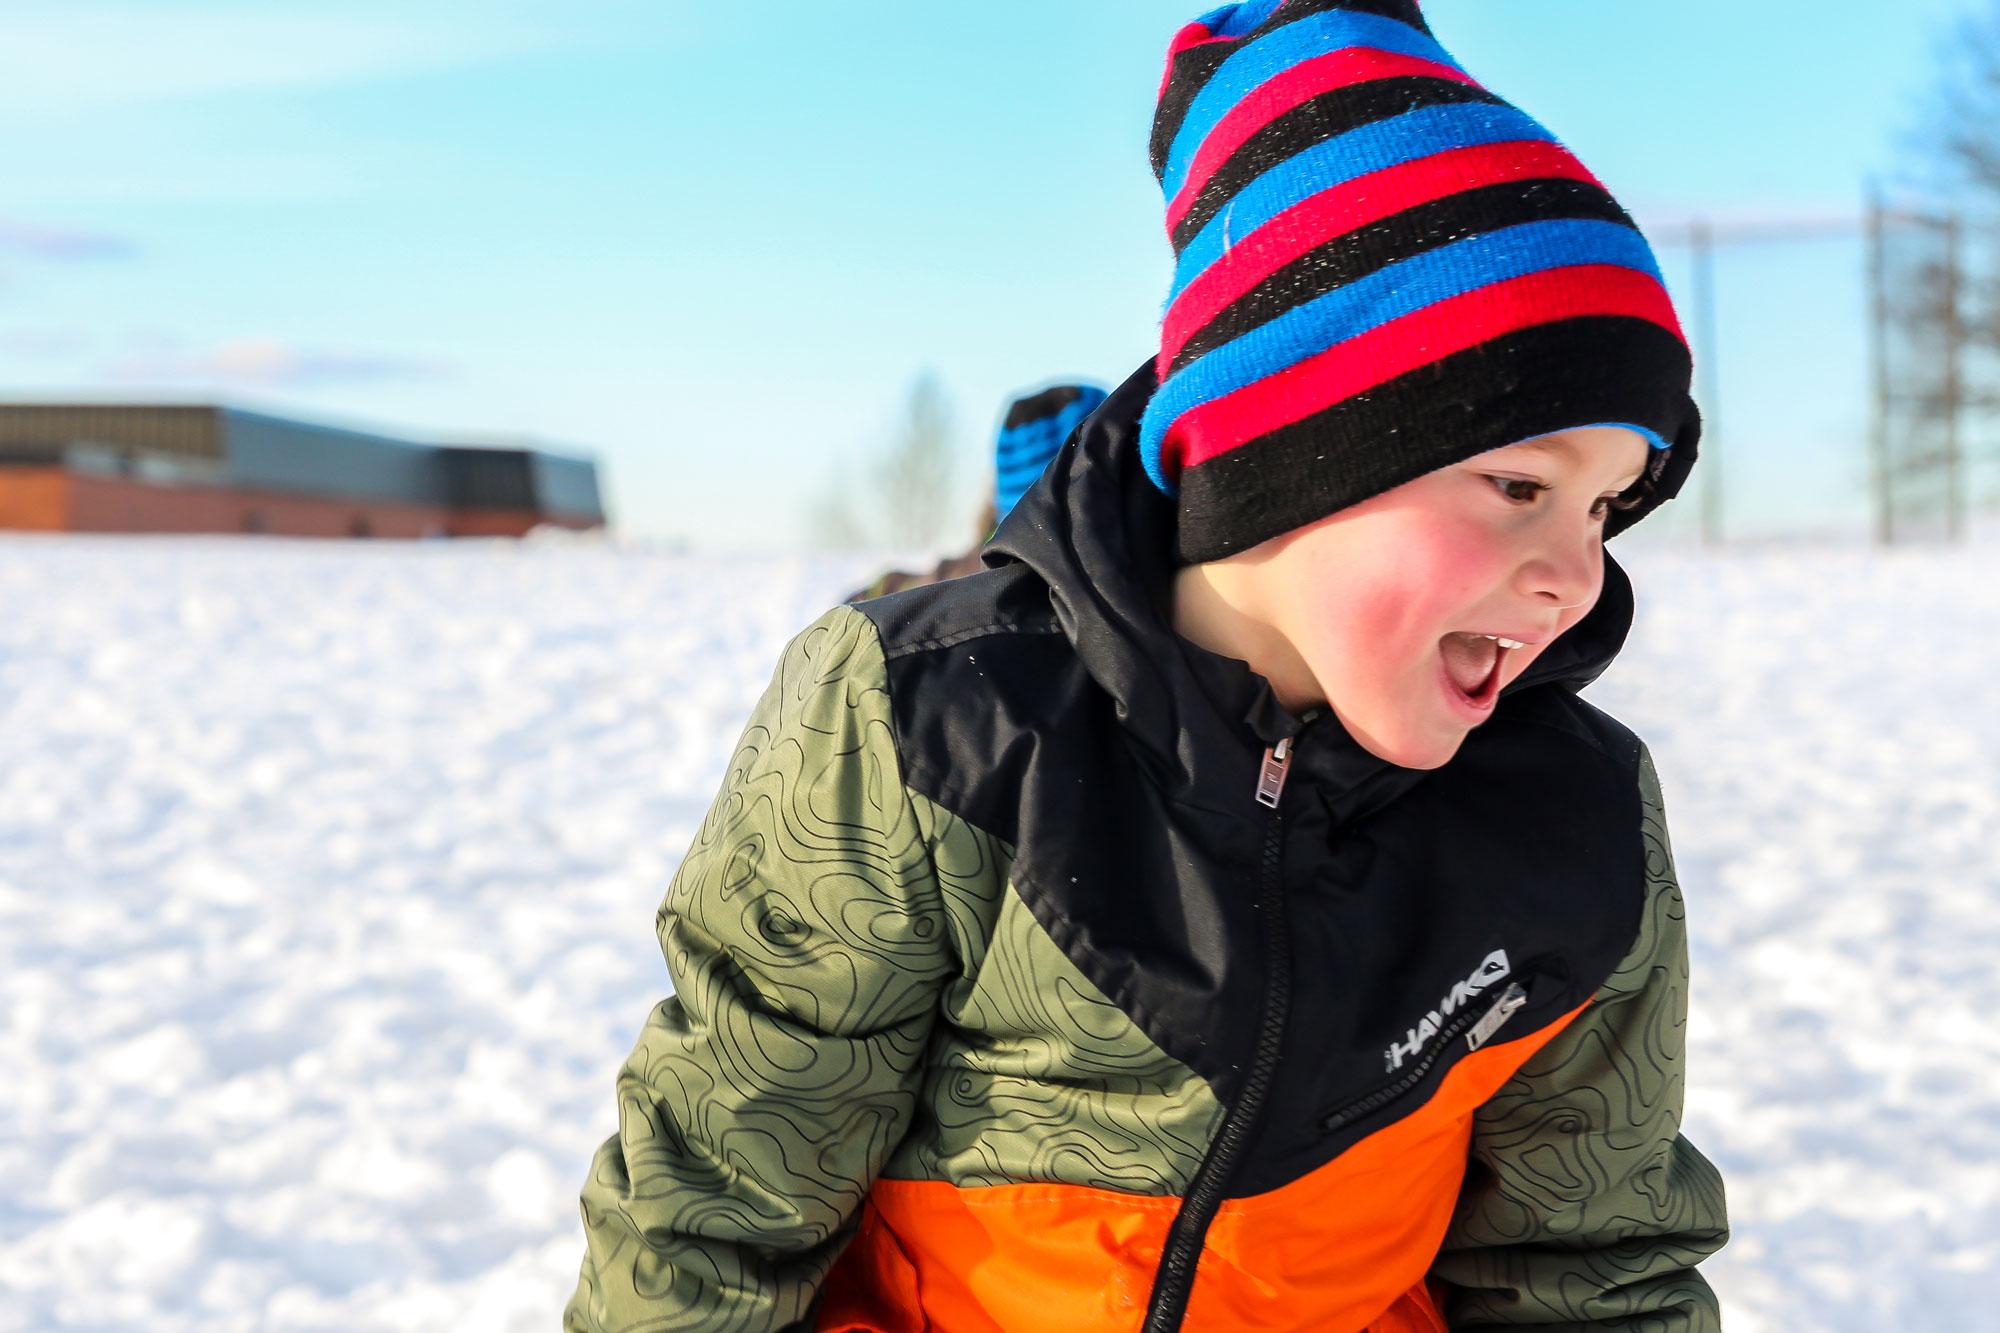 Boy outside in winter, wearing striped hat